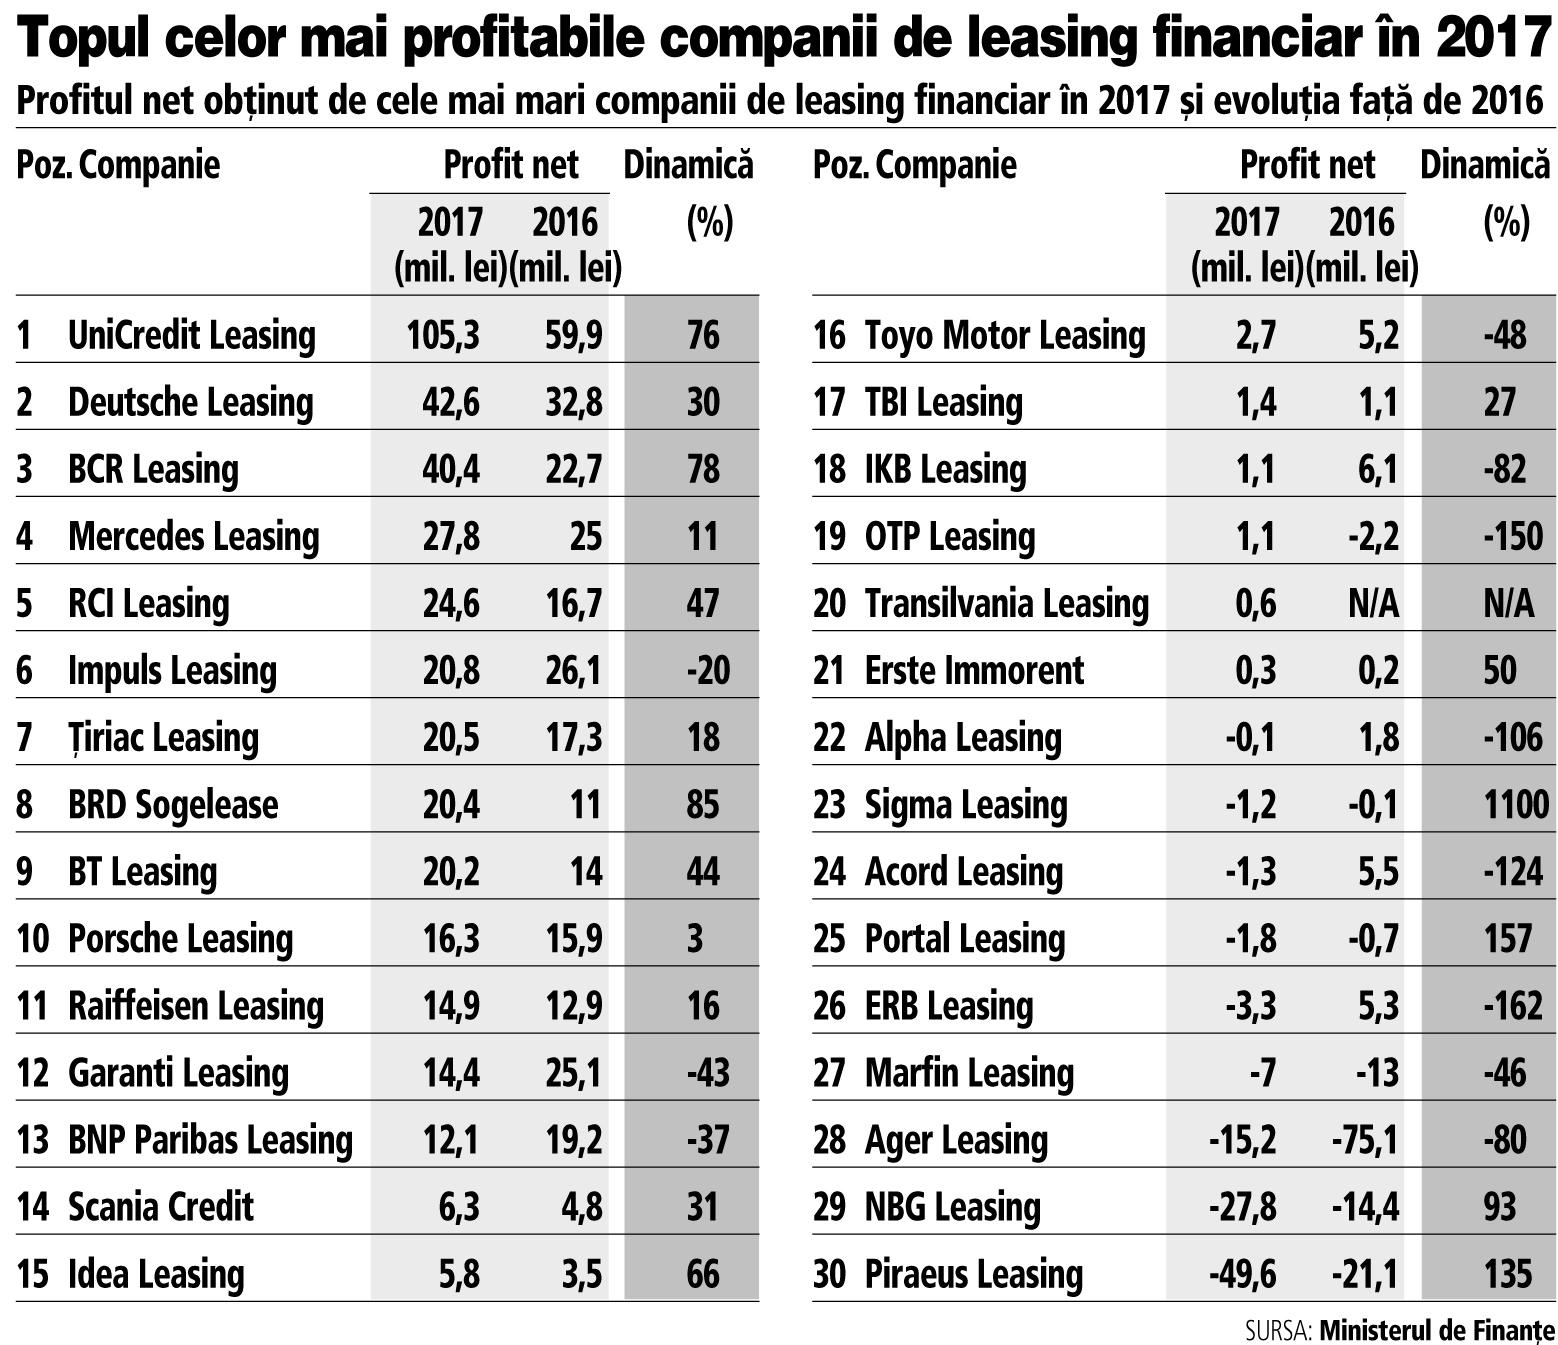 Grafic: Topul celor mai profitabile companii de leasing financiar în 2017